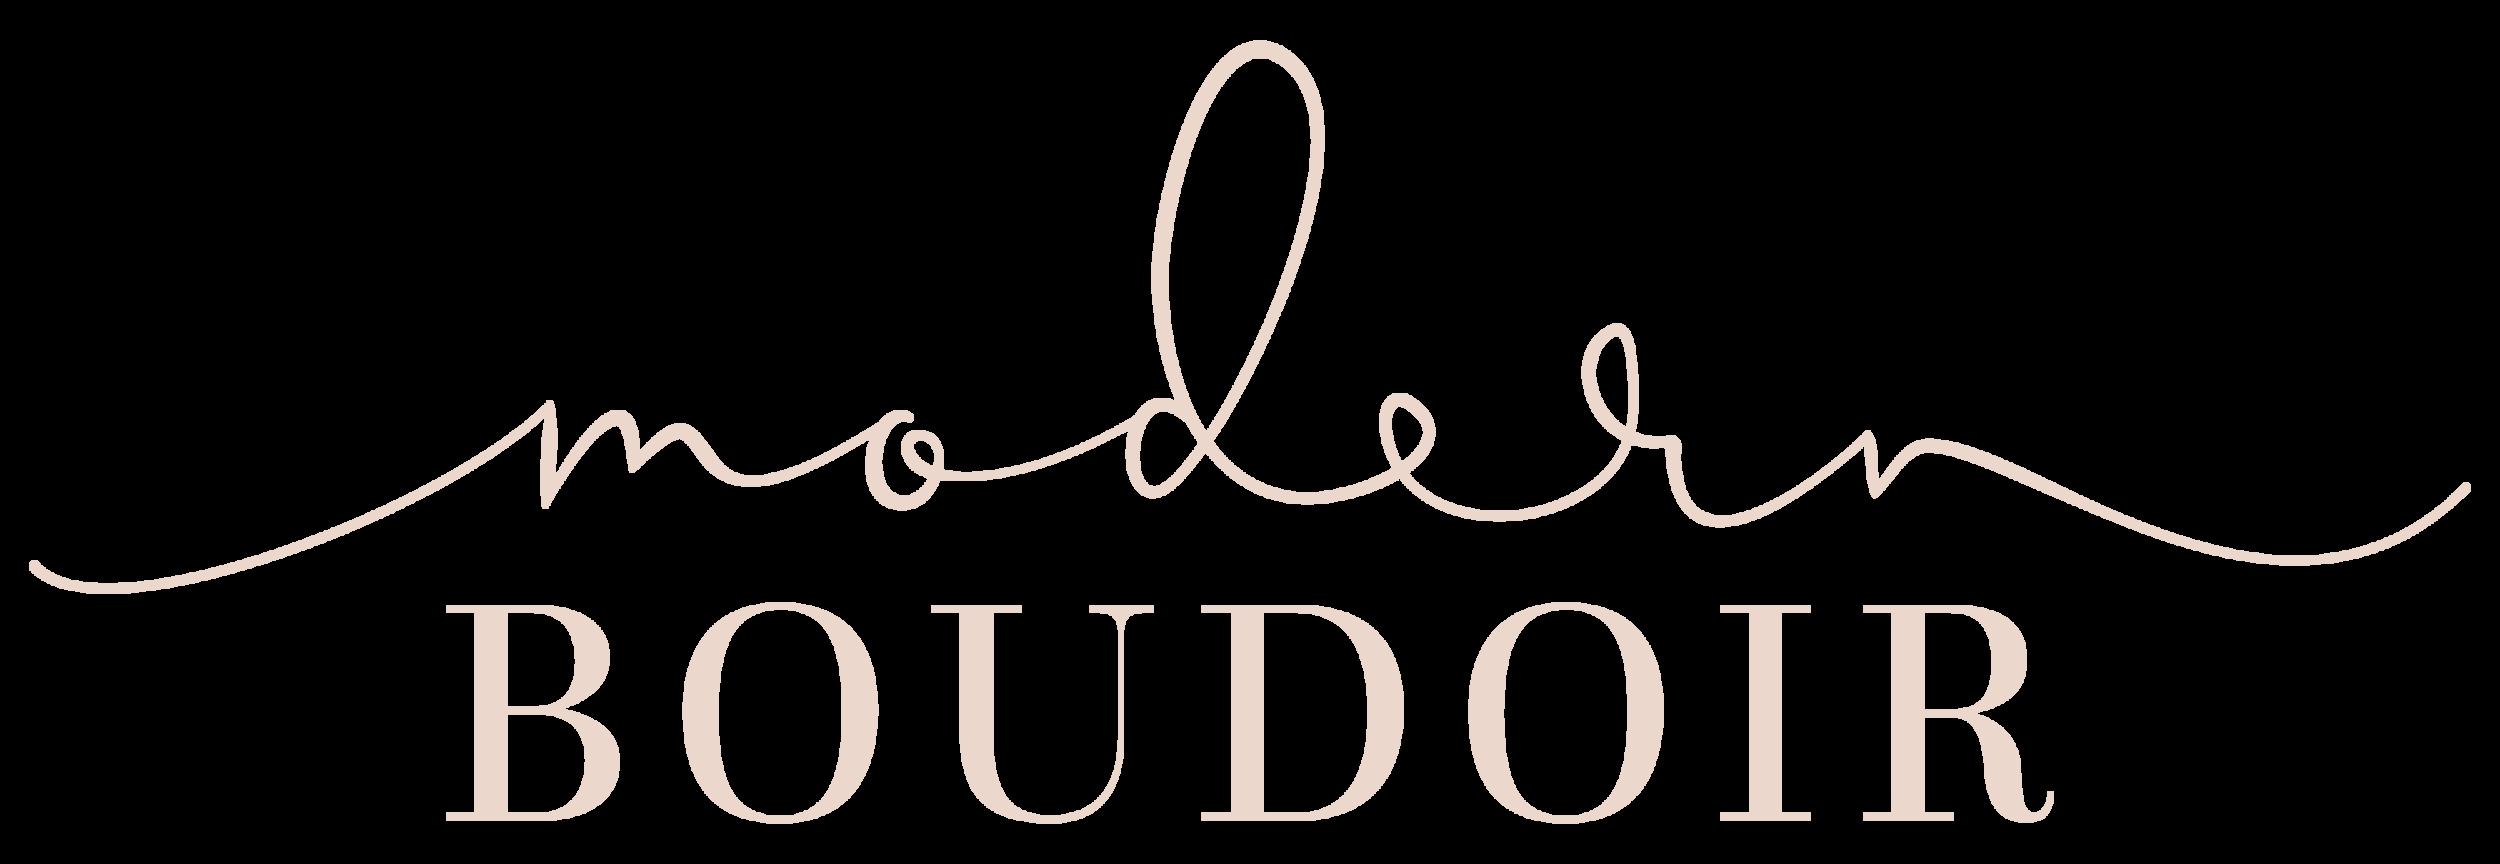 ModernBoudoir.png